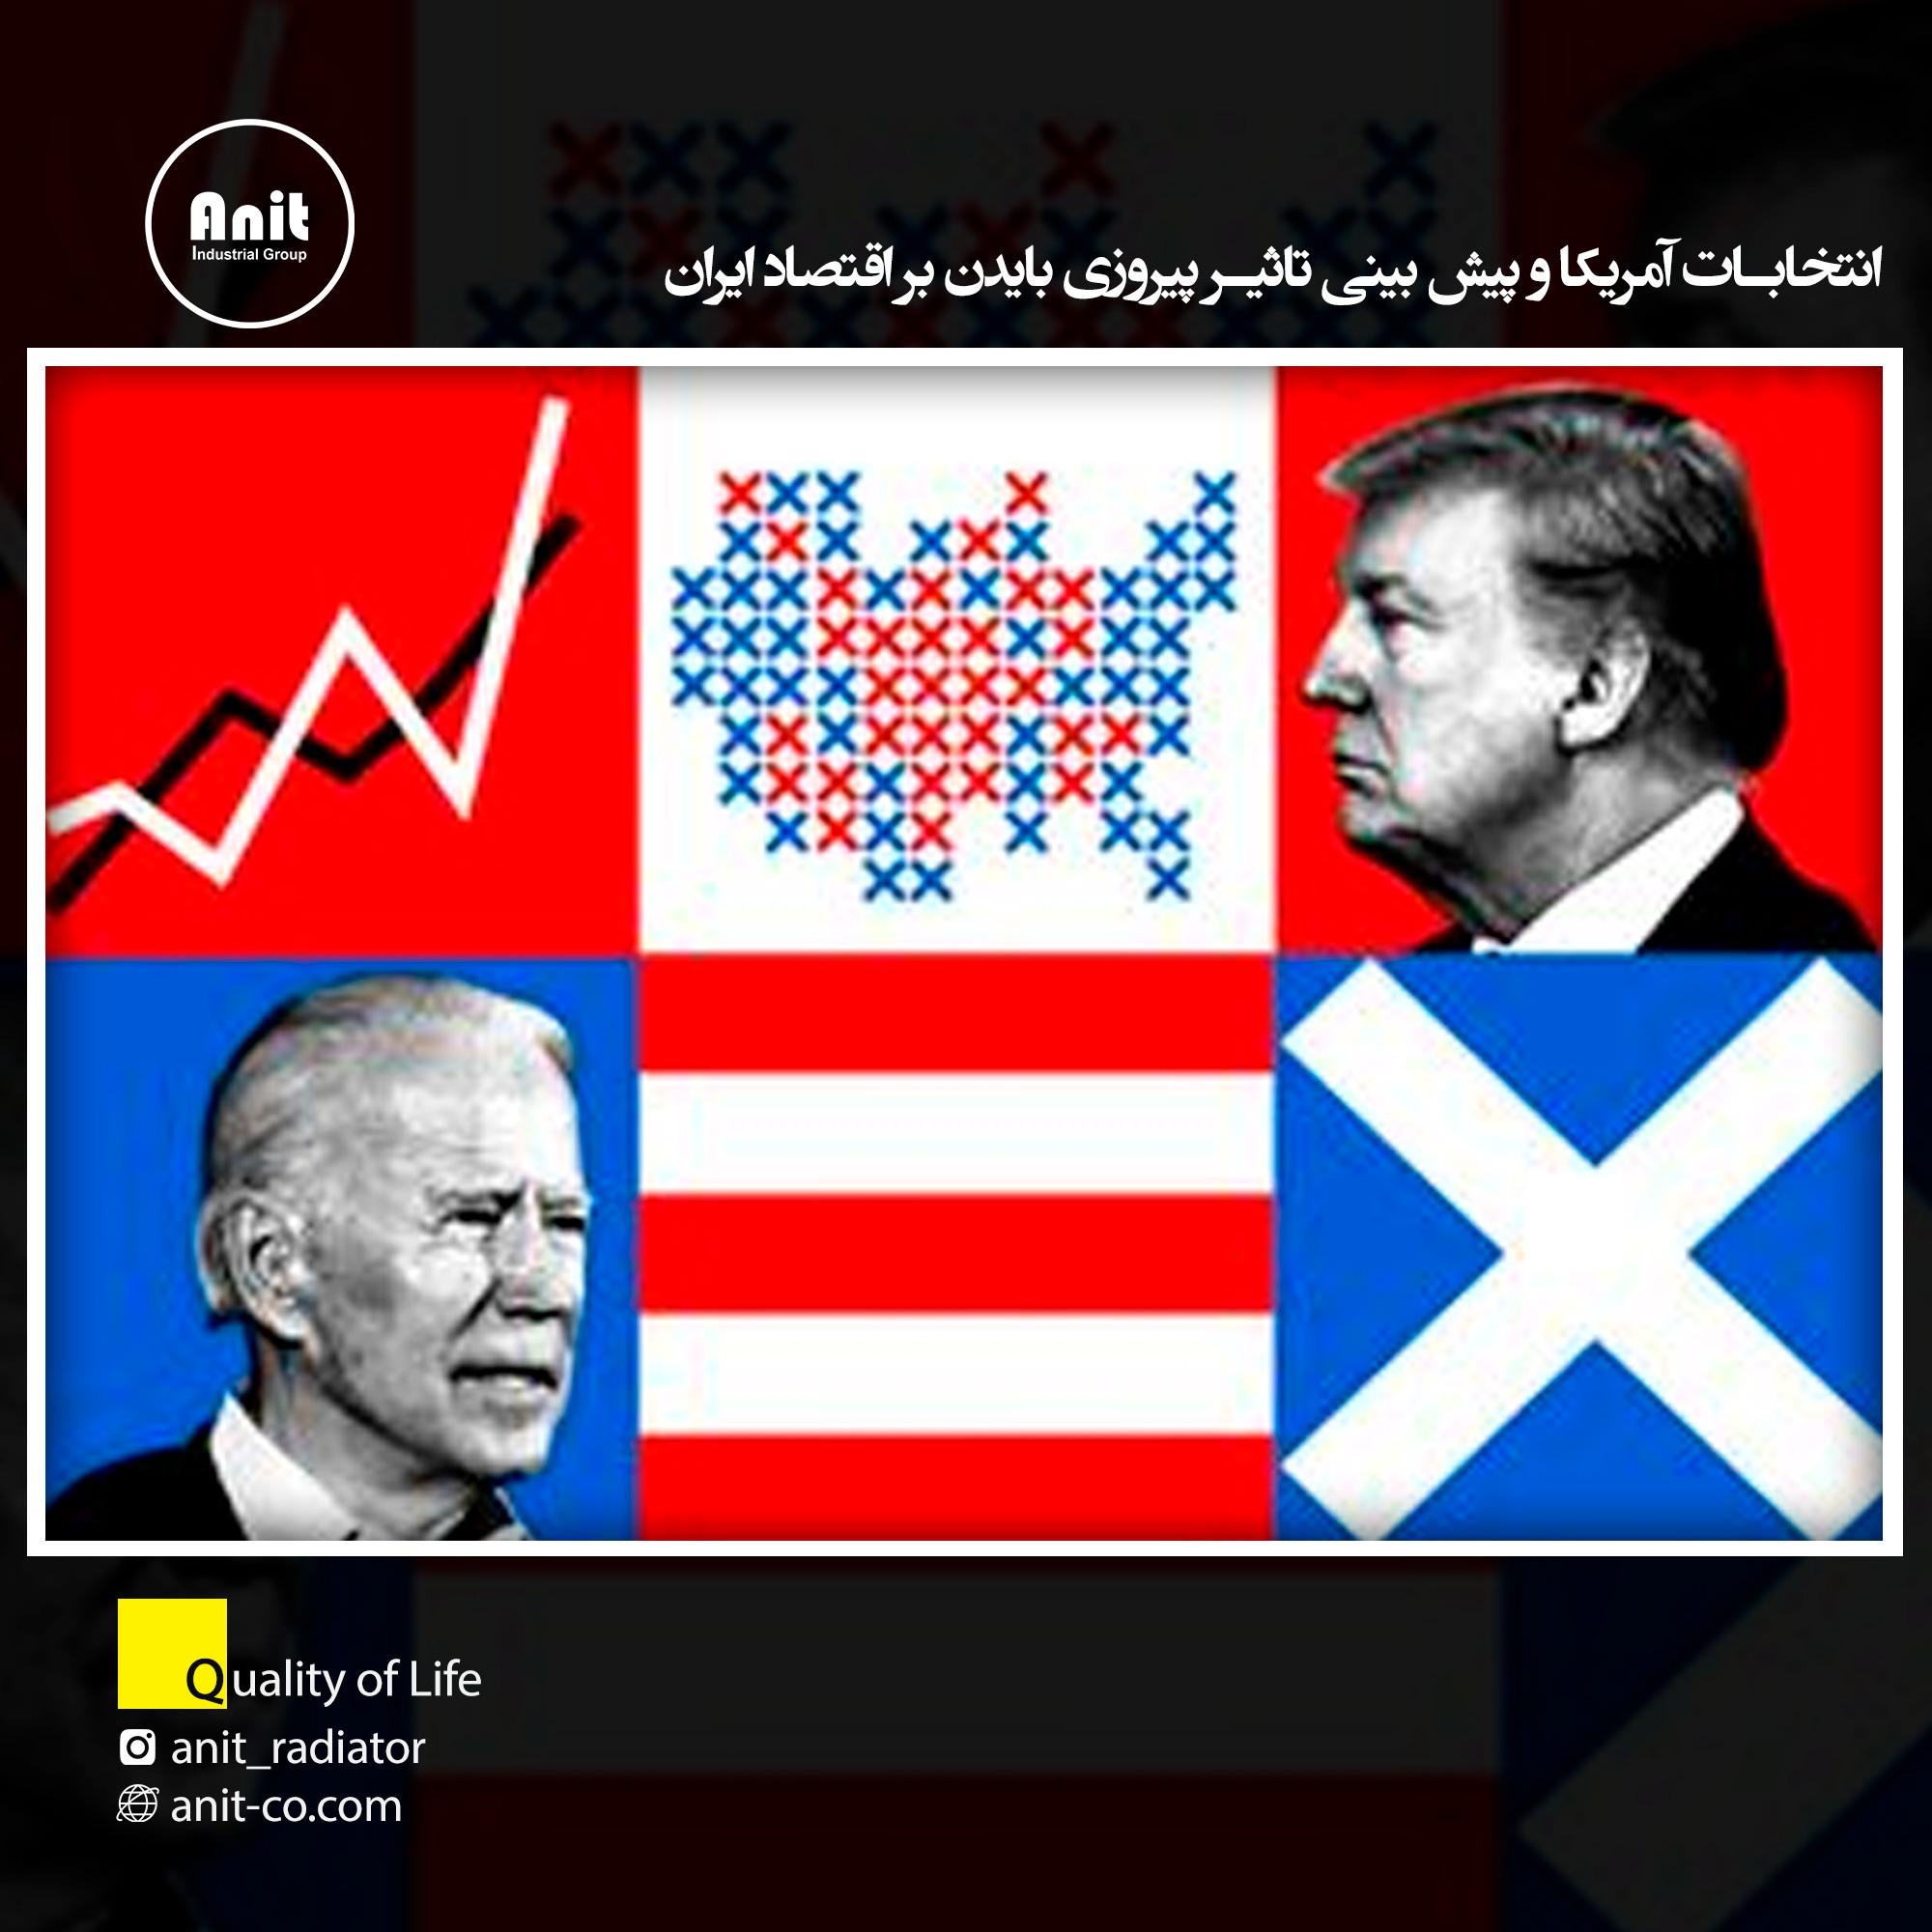 انتخابات آمریکا و پیش بینی تاثیر پیروزی بایدن بر اقتصاد ایران